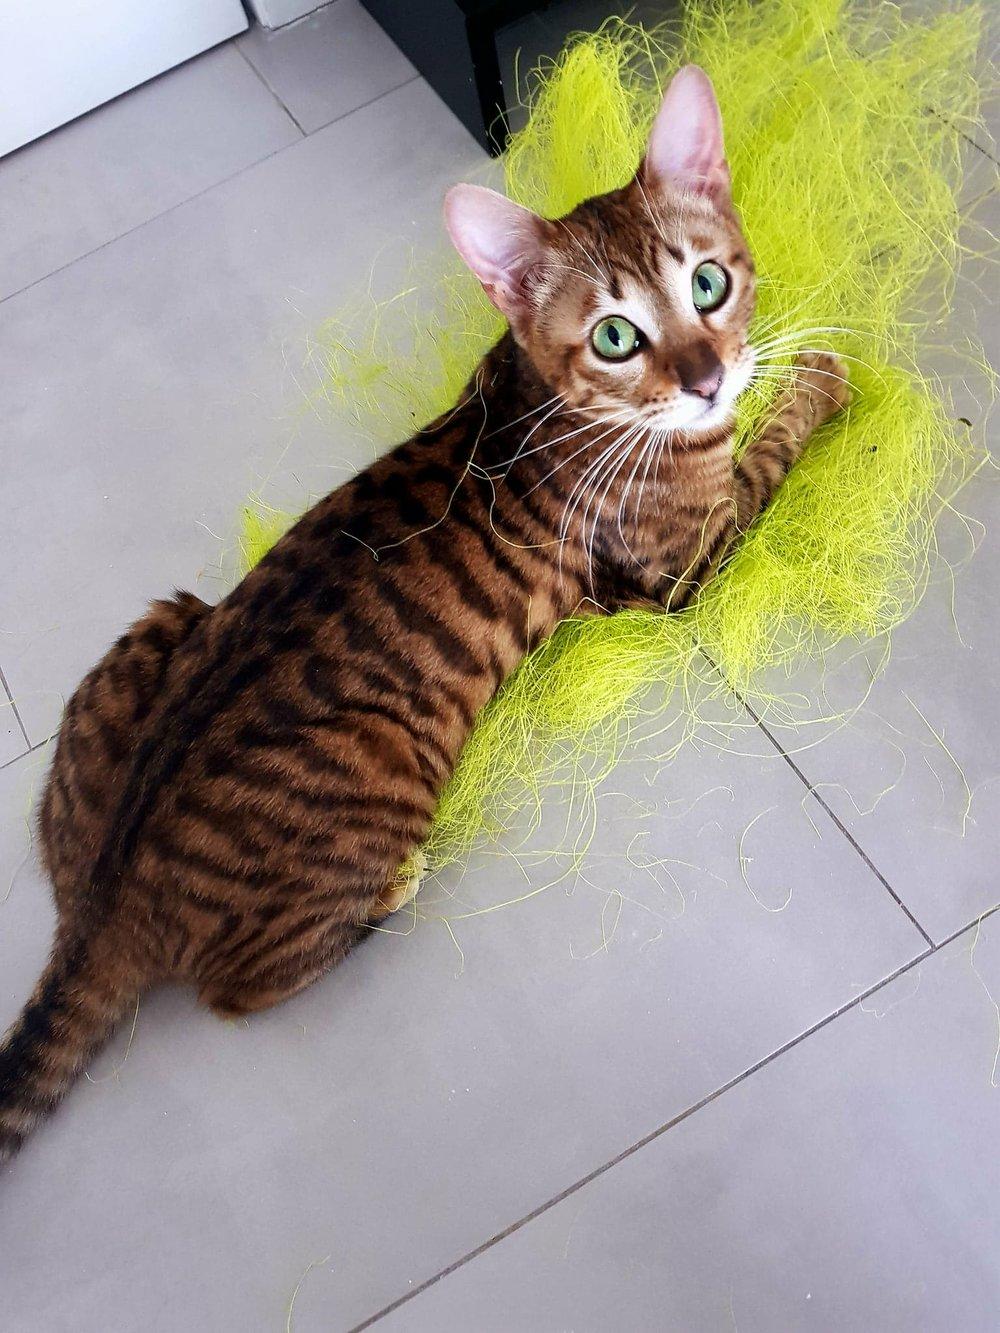 Le Toyger est un chat réputé pour être à la fois très actif, très intelligent et très affectueux. Il est très docile et se dresse facilement. D'un bon tempérament, c'est un chat qui a une très grande capacité d'adaptation et s'entend aussi bien avec les adultes que les enfants et les autres animaux. C'est un chat bavard au miaulement particulier toujours à l affût. -